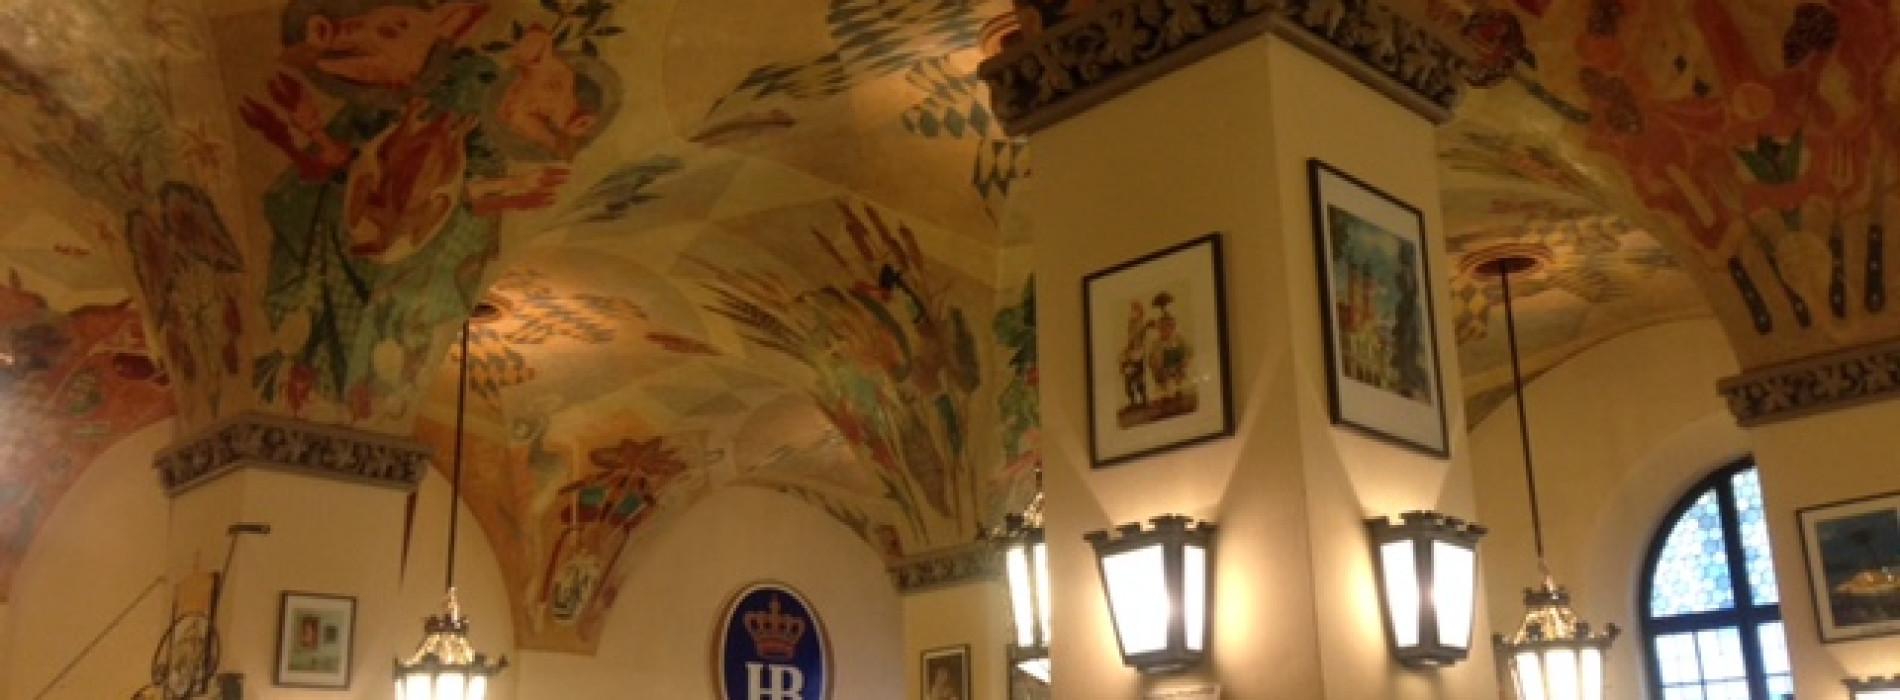 Dove mangiare a Monaco di Baviera: ristoranti, birrerie e caffé